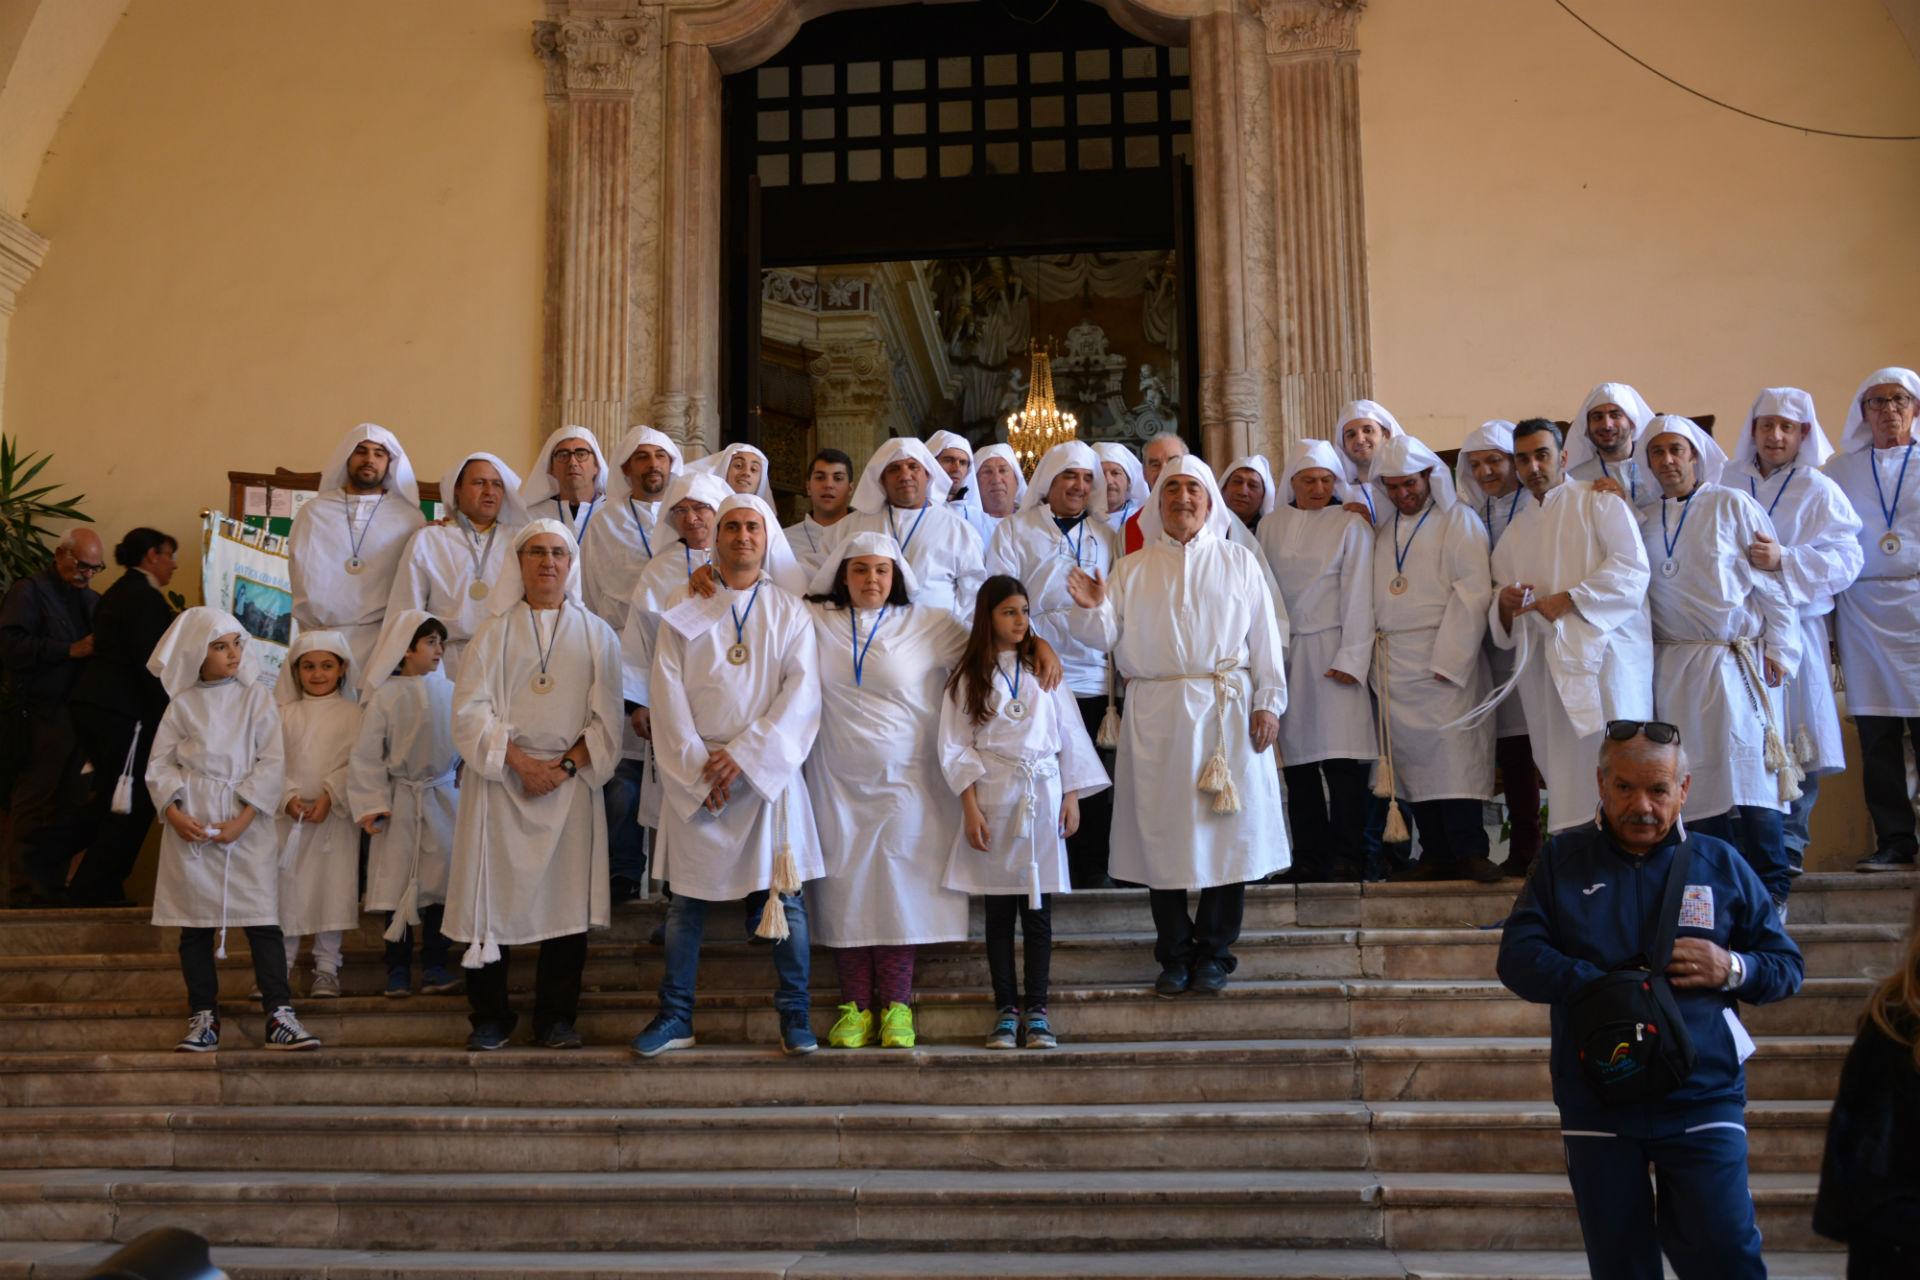 Foto di gruppo della Congregazione degli Artieri presso la chiesa di san Michele a Cagliari